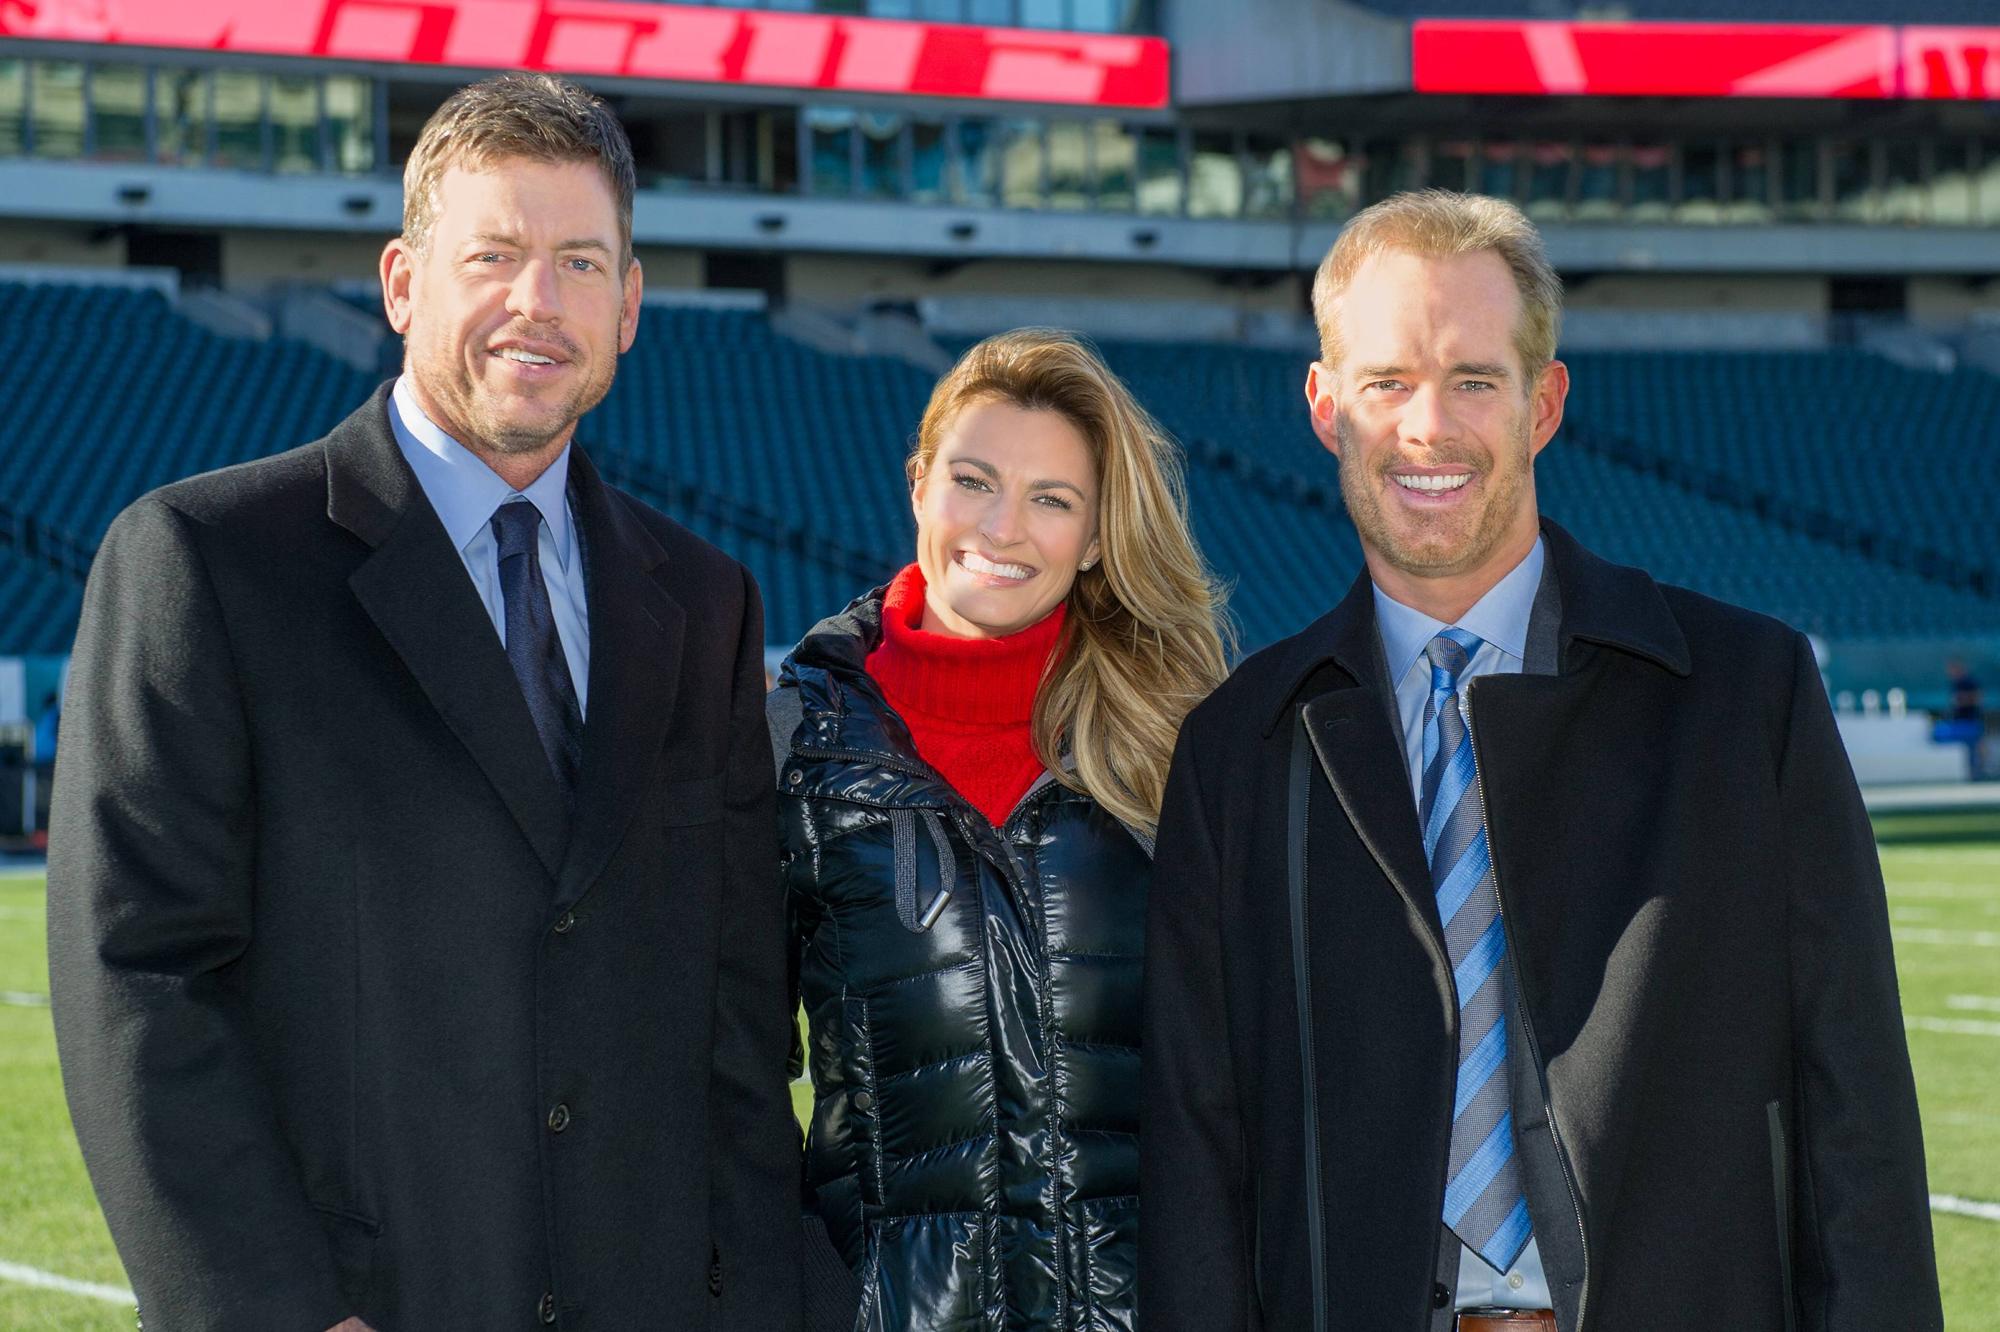 Troy Aikman, Erin Andrews and Joe Buck on the field in Philadelphia